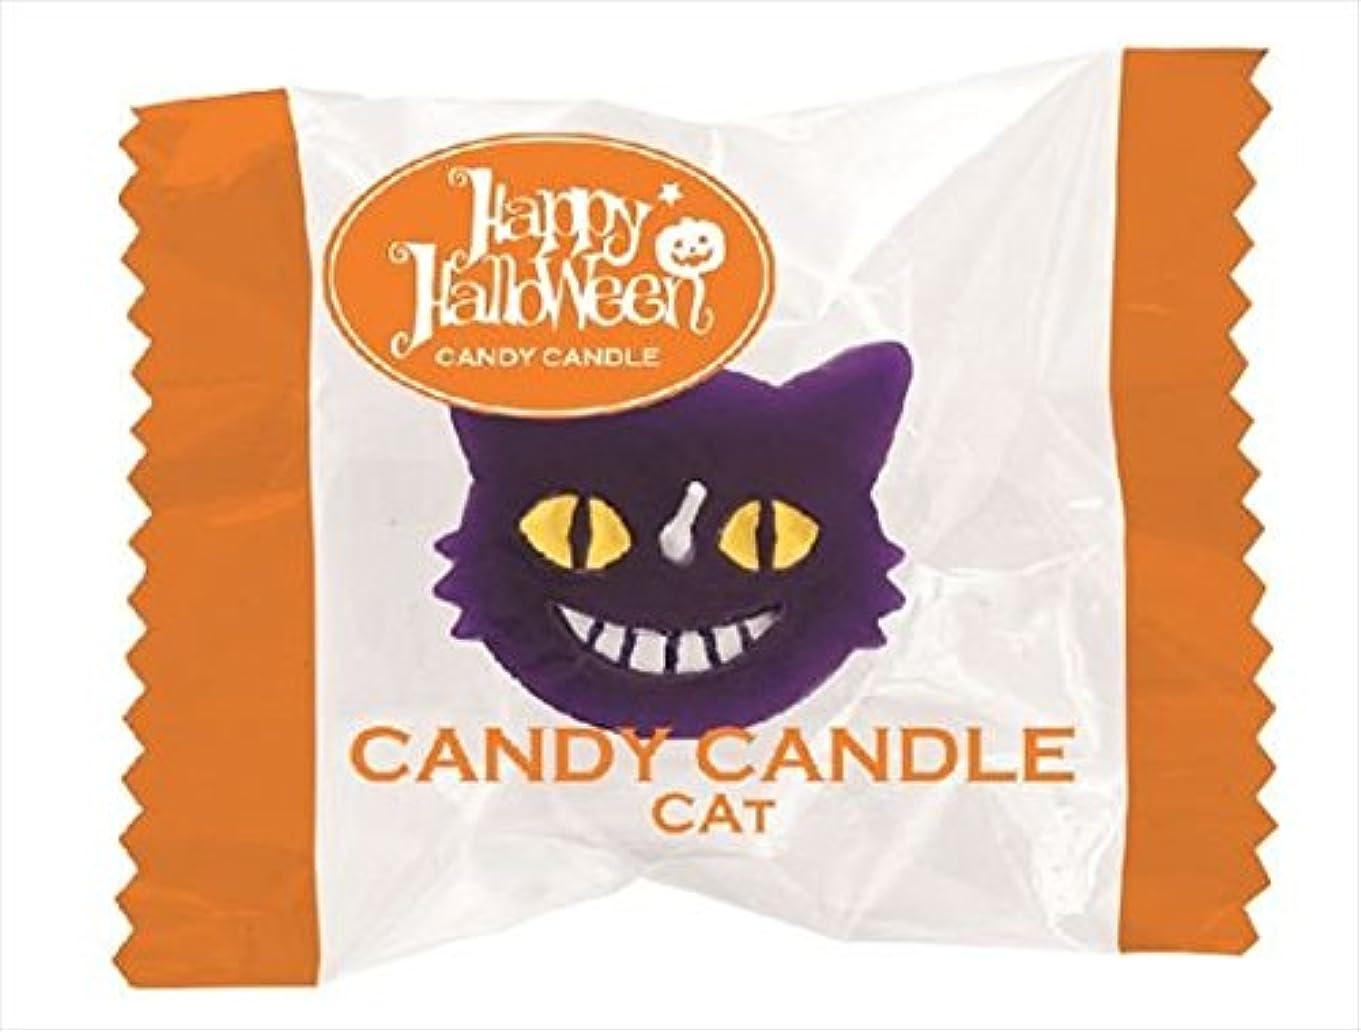 除去ピッチ光電kameyama candle(カメヤマキャンドル) キャンディーキャンドル 「 キャット 」(A3180030)